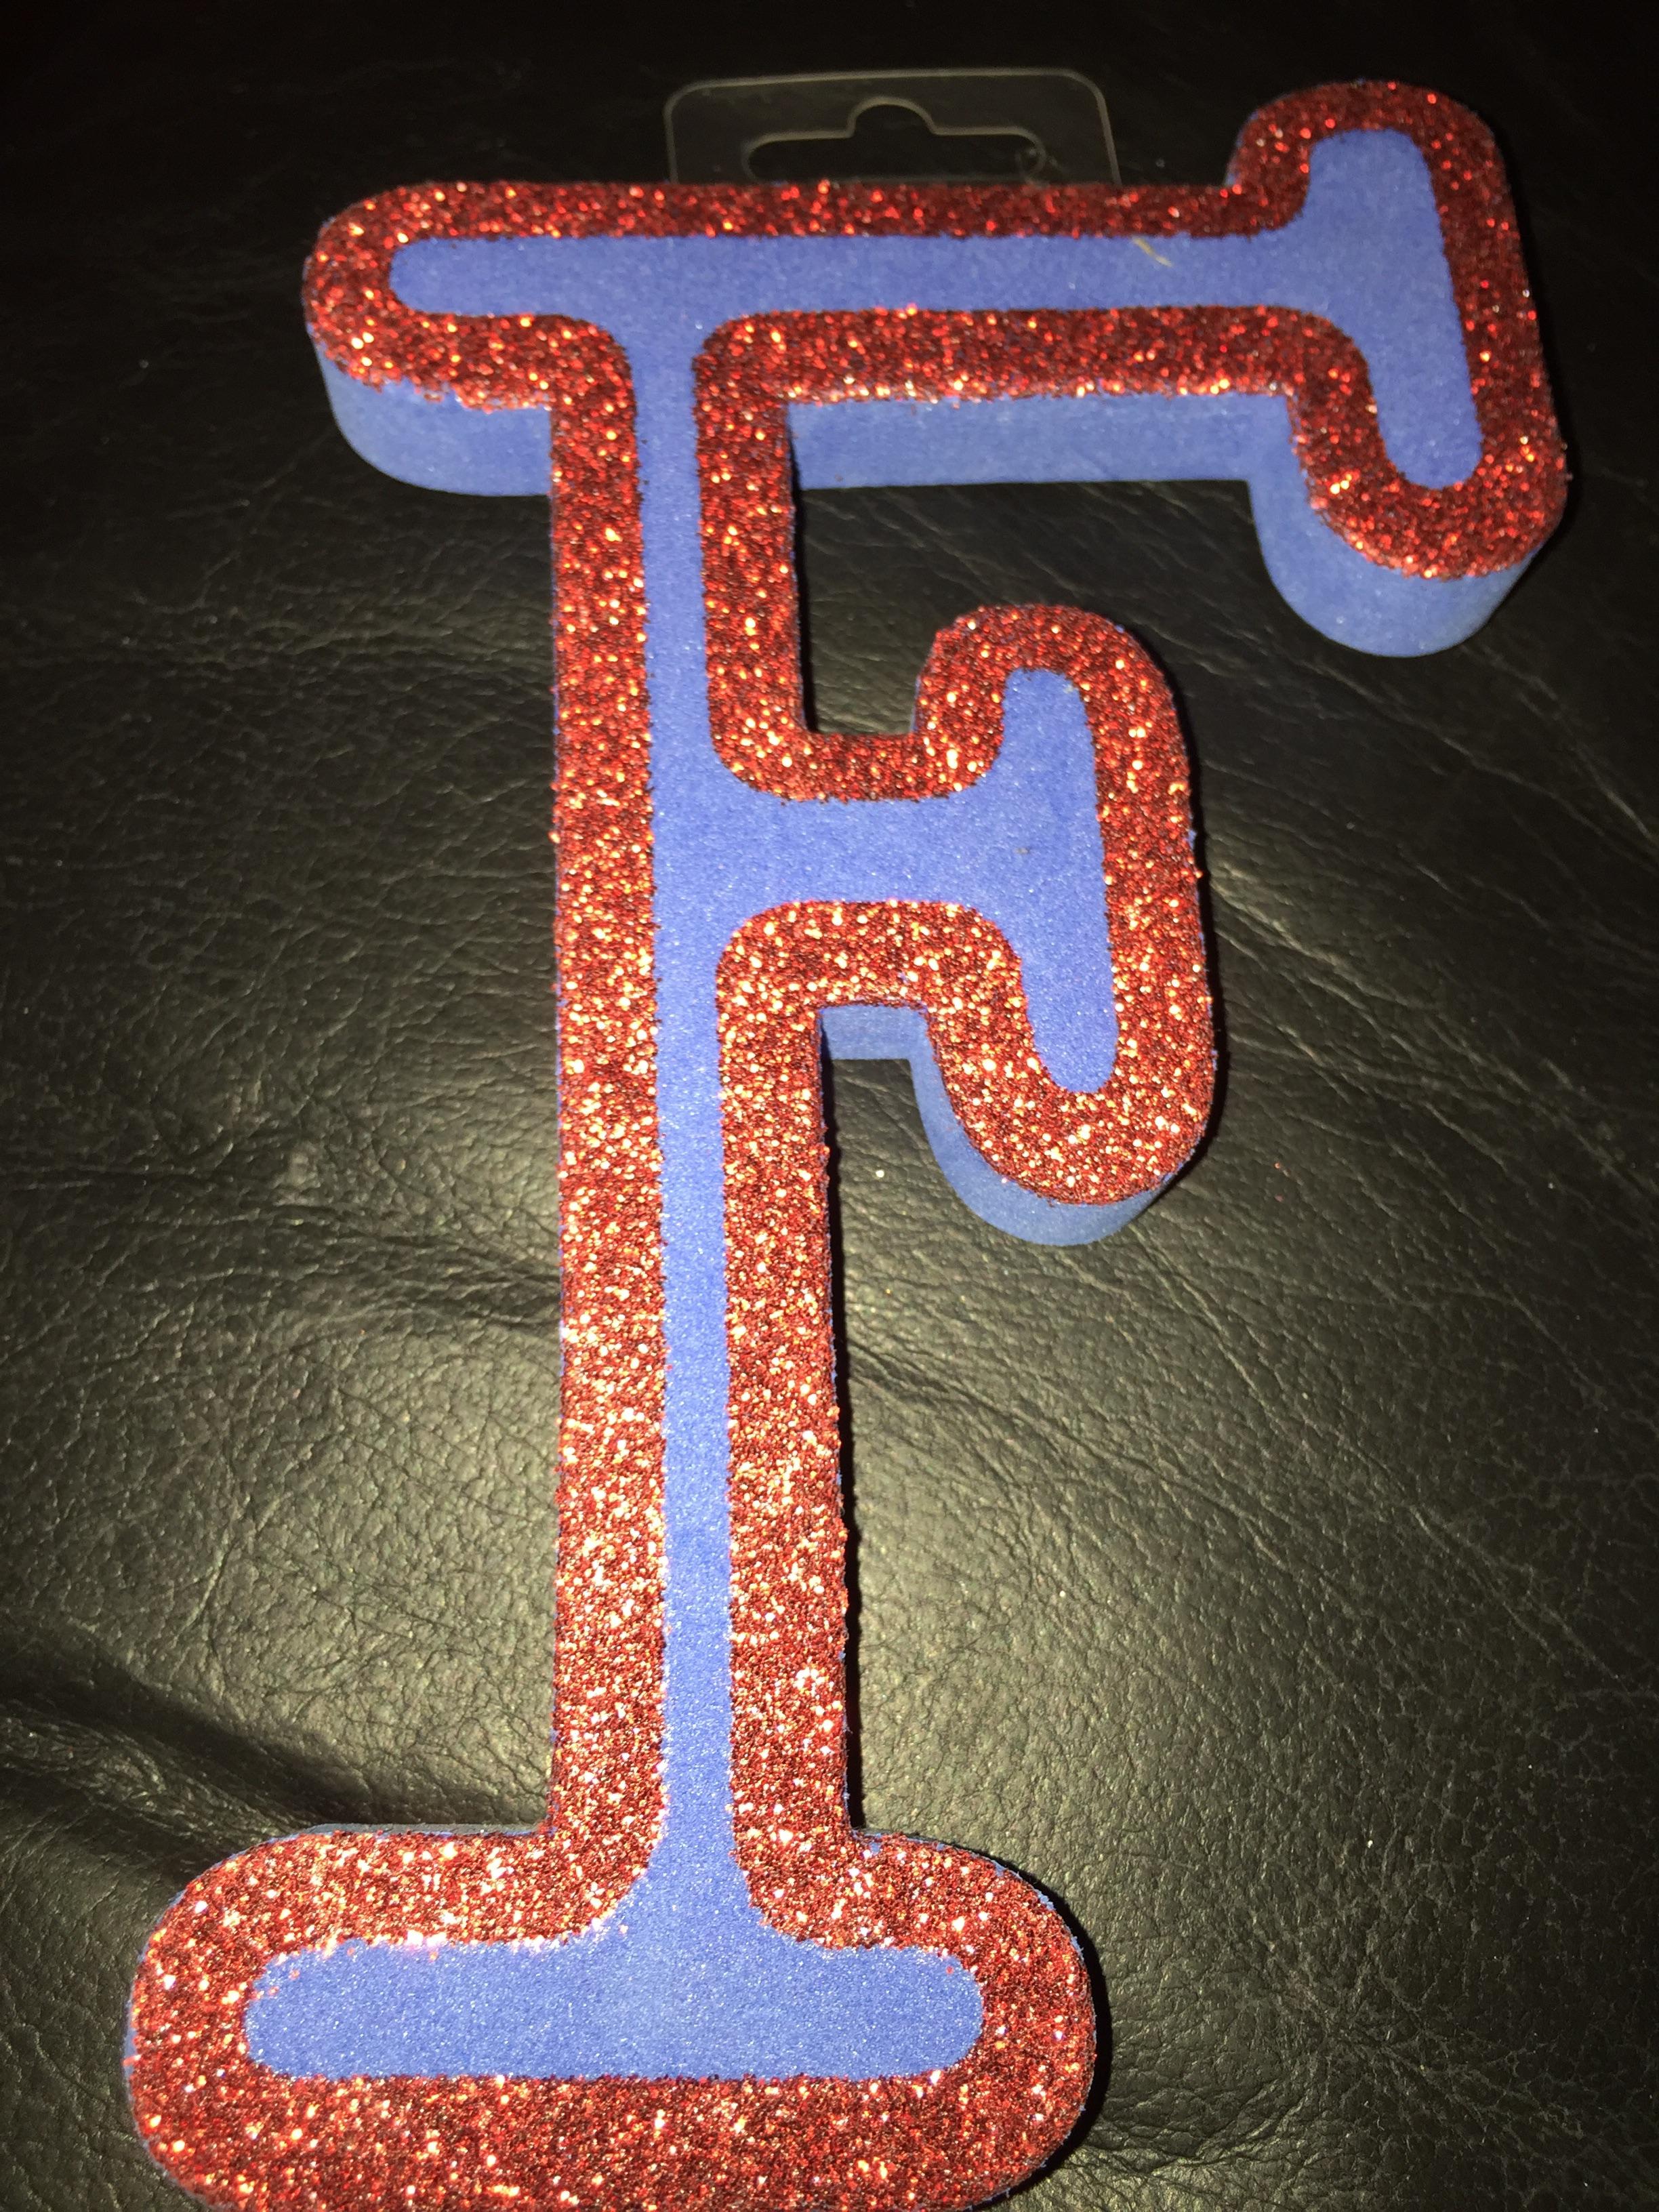 DIY Letter Decoration 5p Poundland Barking